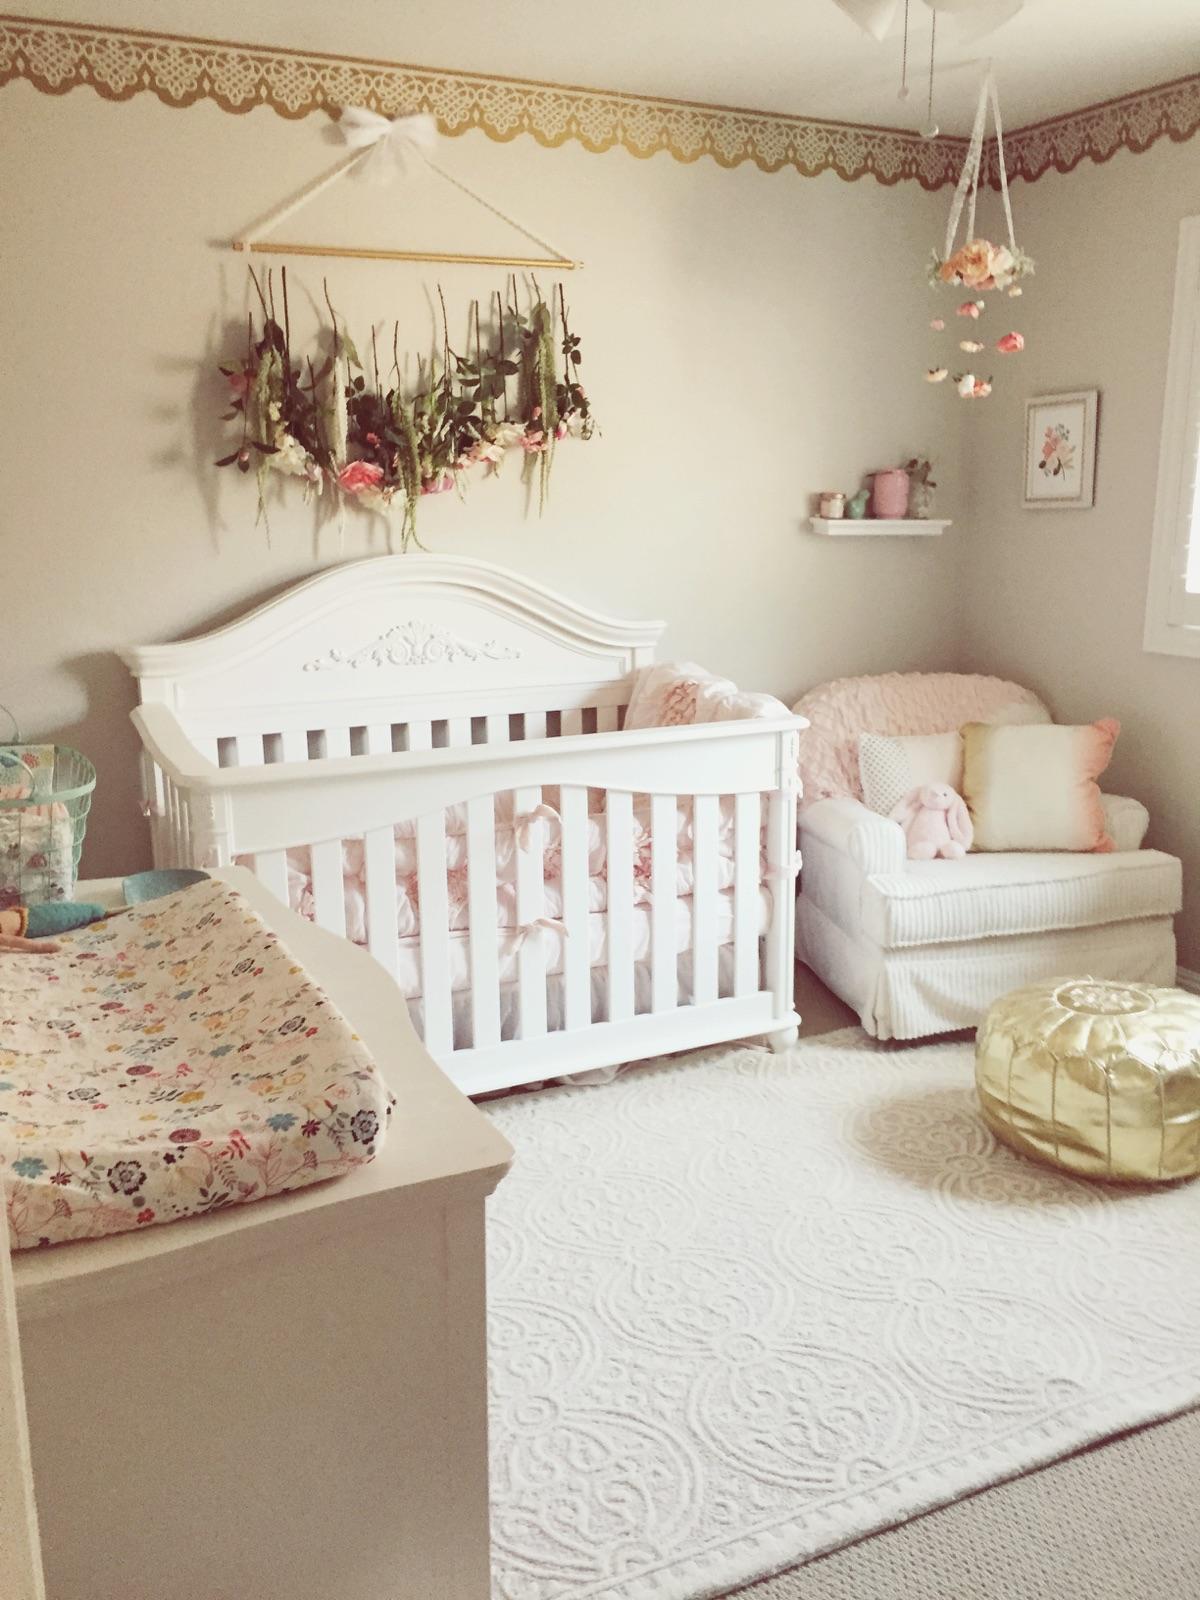 Curtains For Baby Girl Nursery: TESSA RAYANNE: Layla Sienna's Nursery Tour